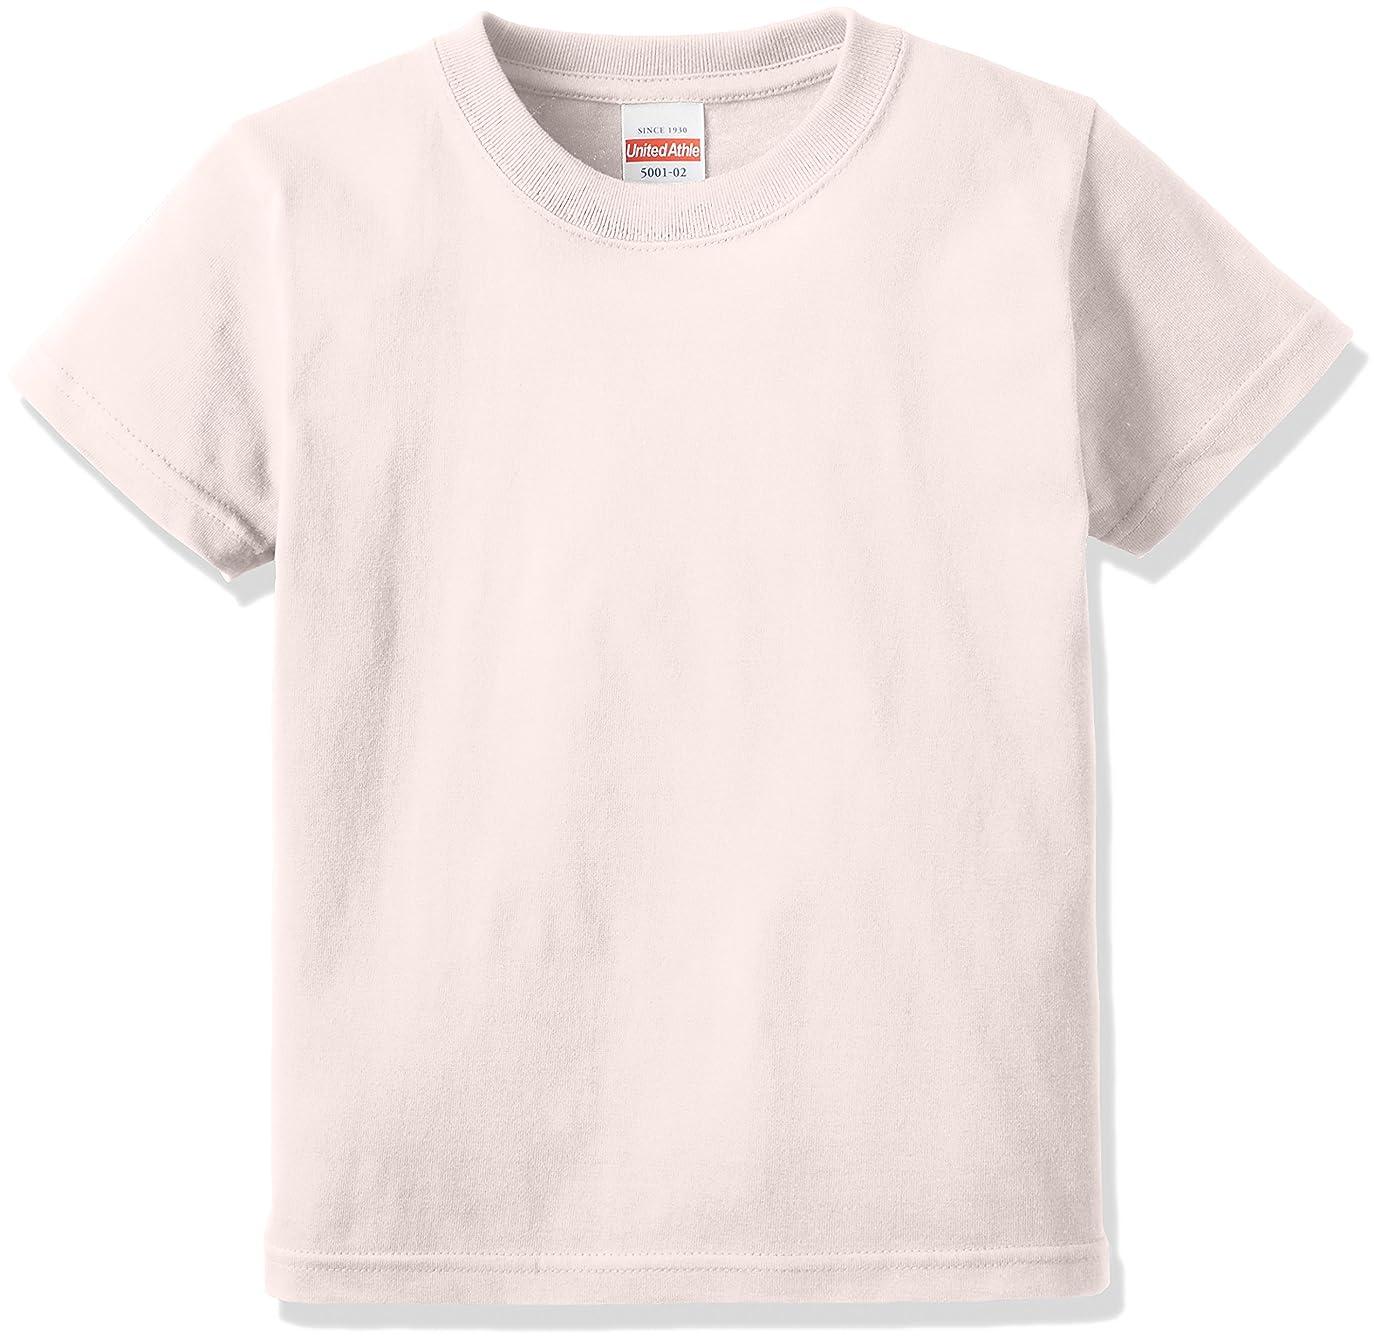 定期的アルカトラズ島現金(ユナイテッドアスレ)UnitedAthle 5.6オンス ハイクオリティー Tシャツ 500102 [キッズ]